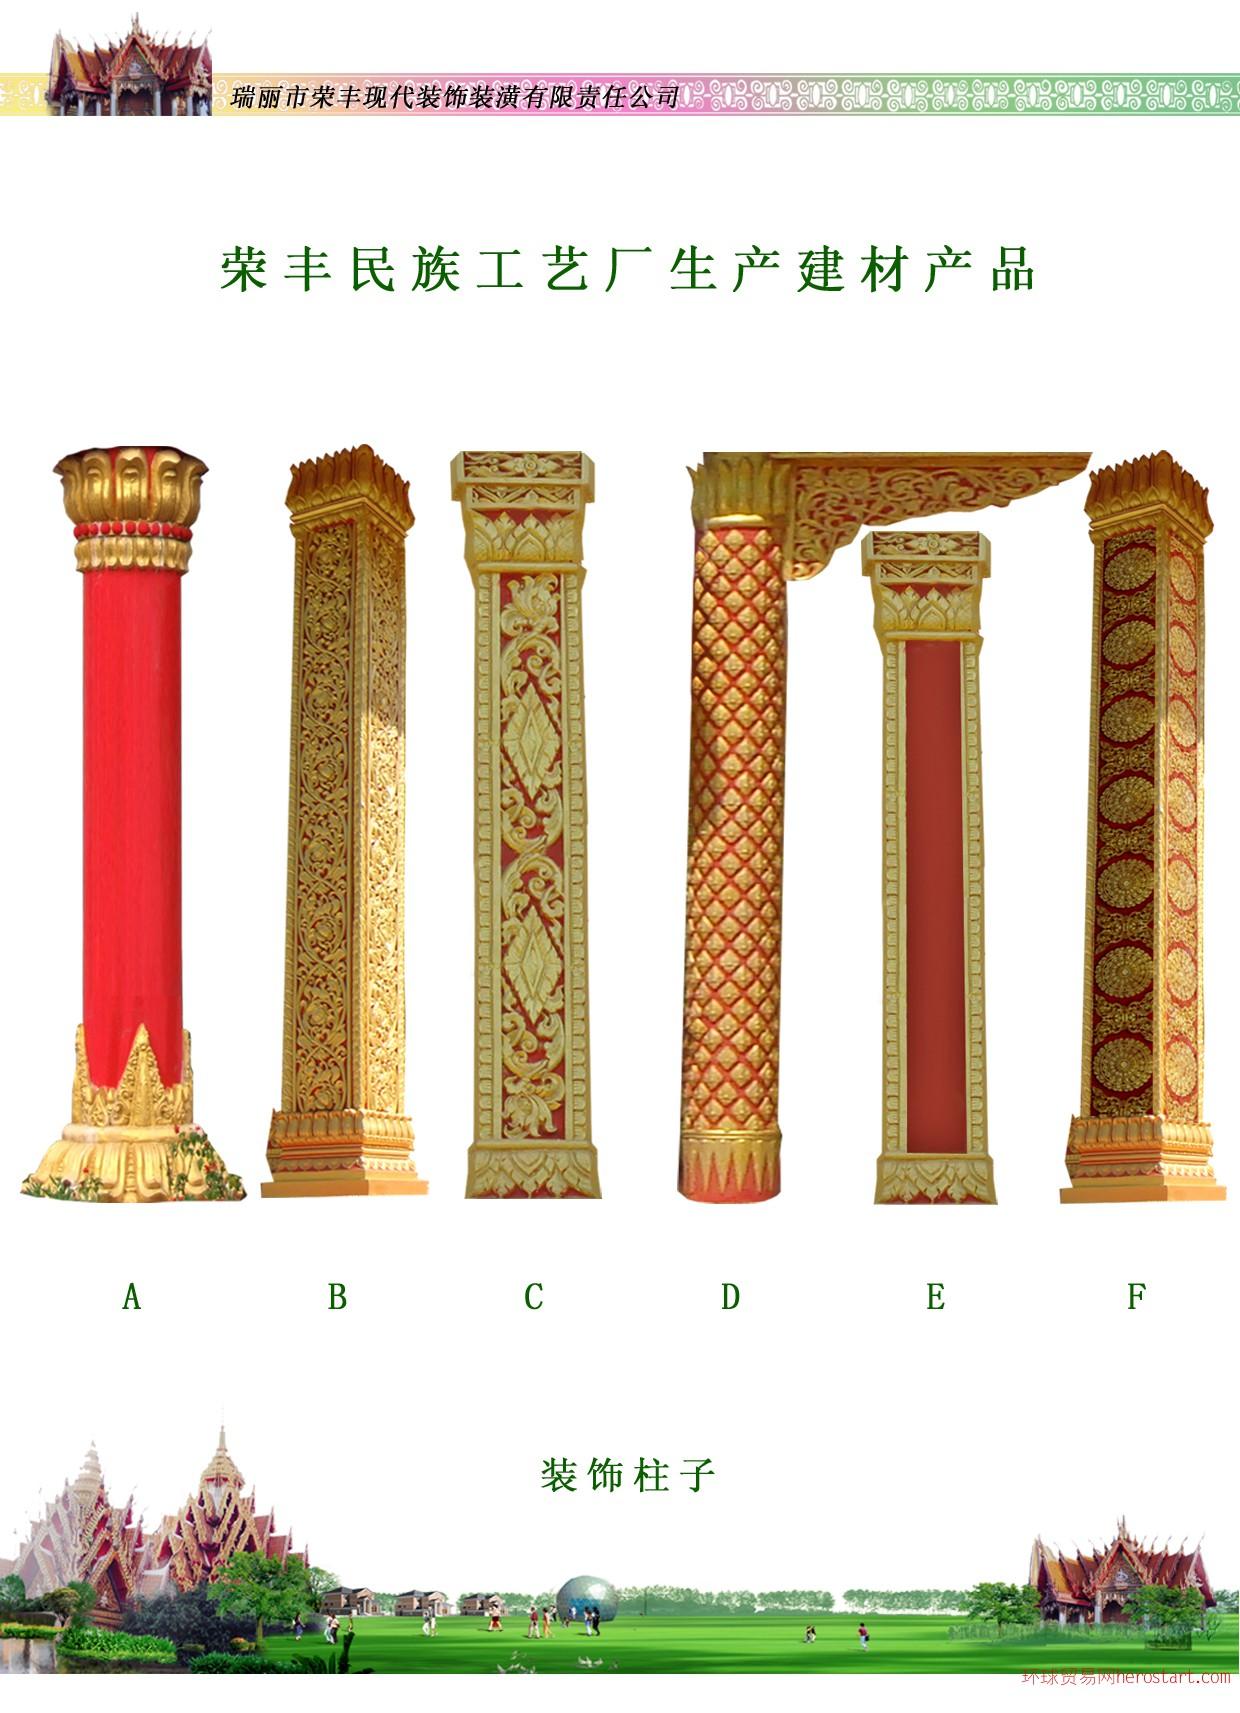 荣丰民族工艺厂生产建材产品